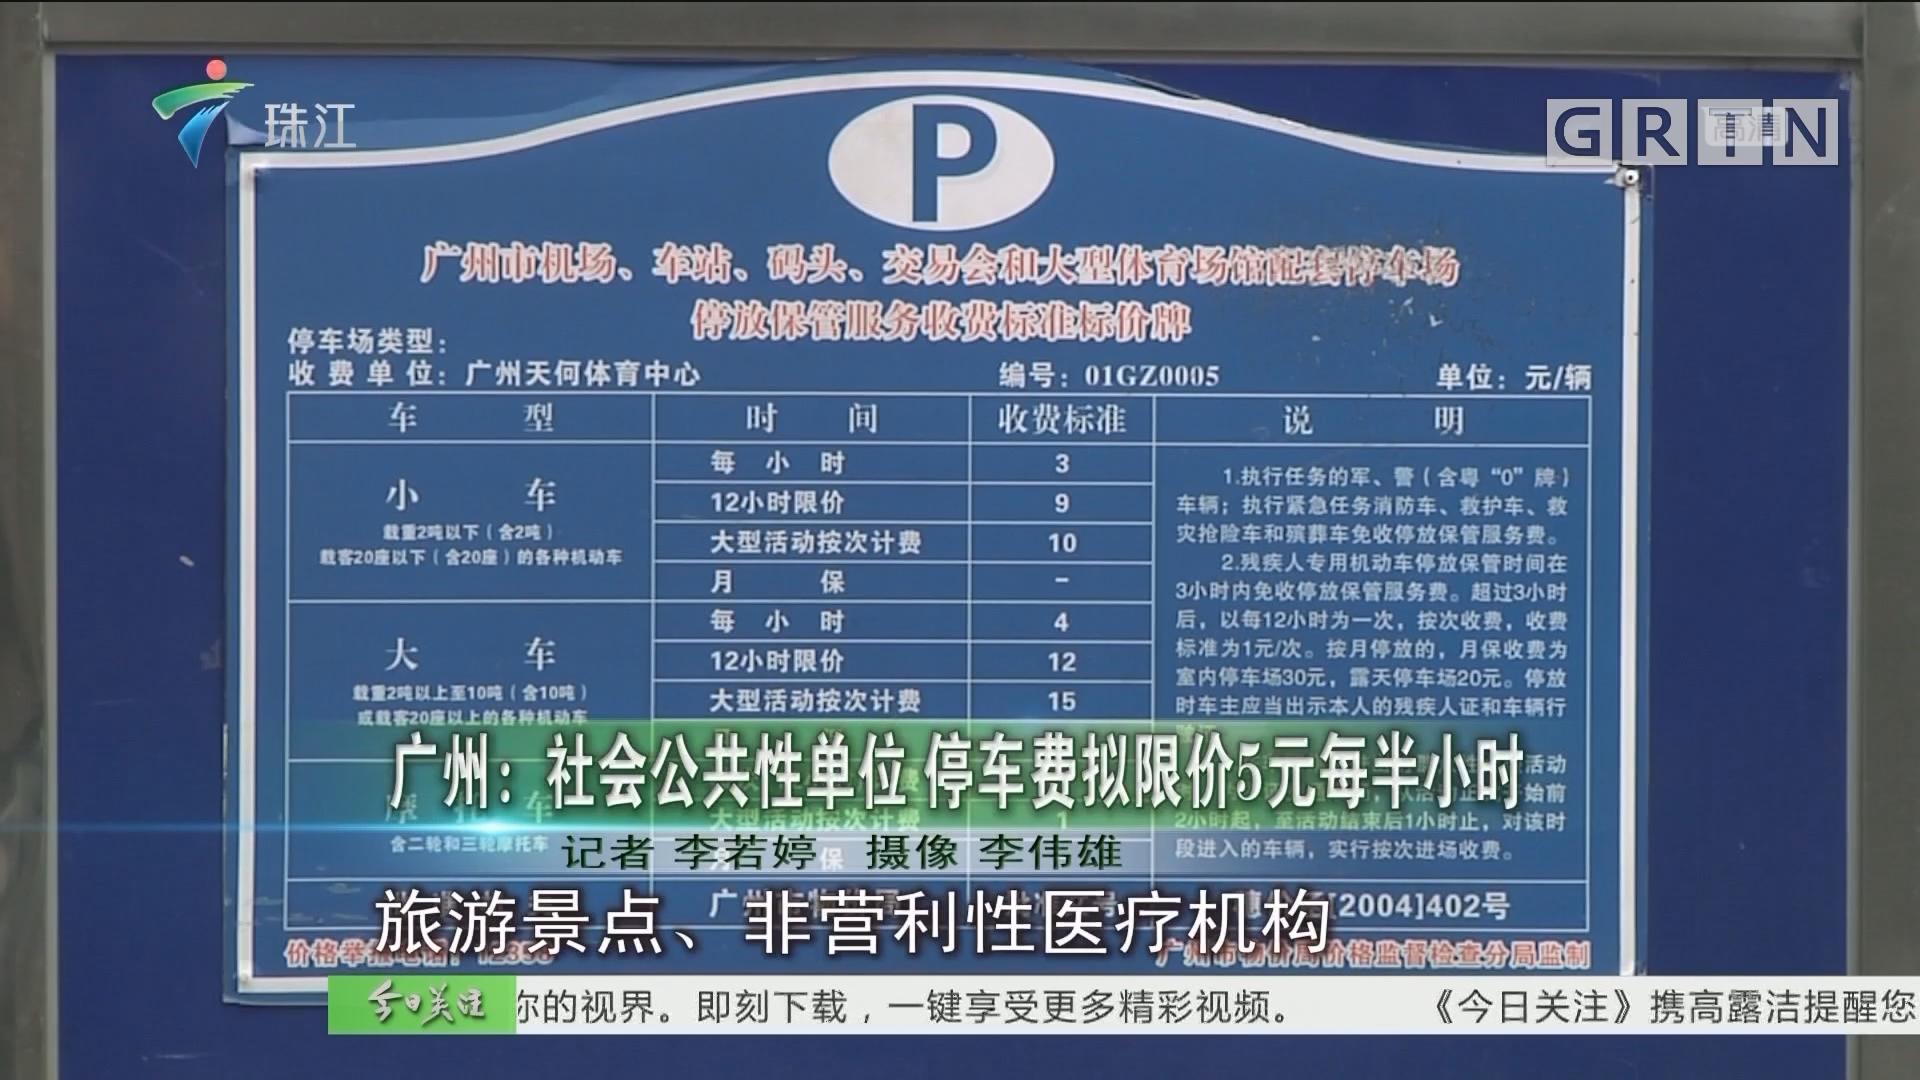 广州:社会公共性单位 停车费拟限价5元每半小时